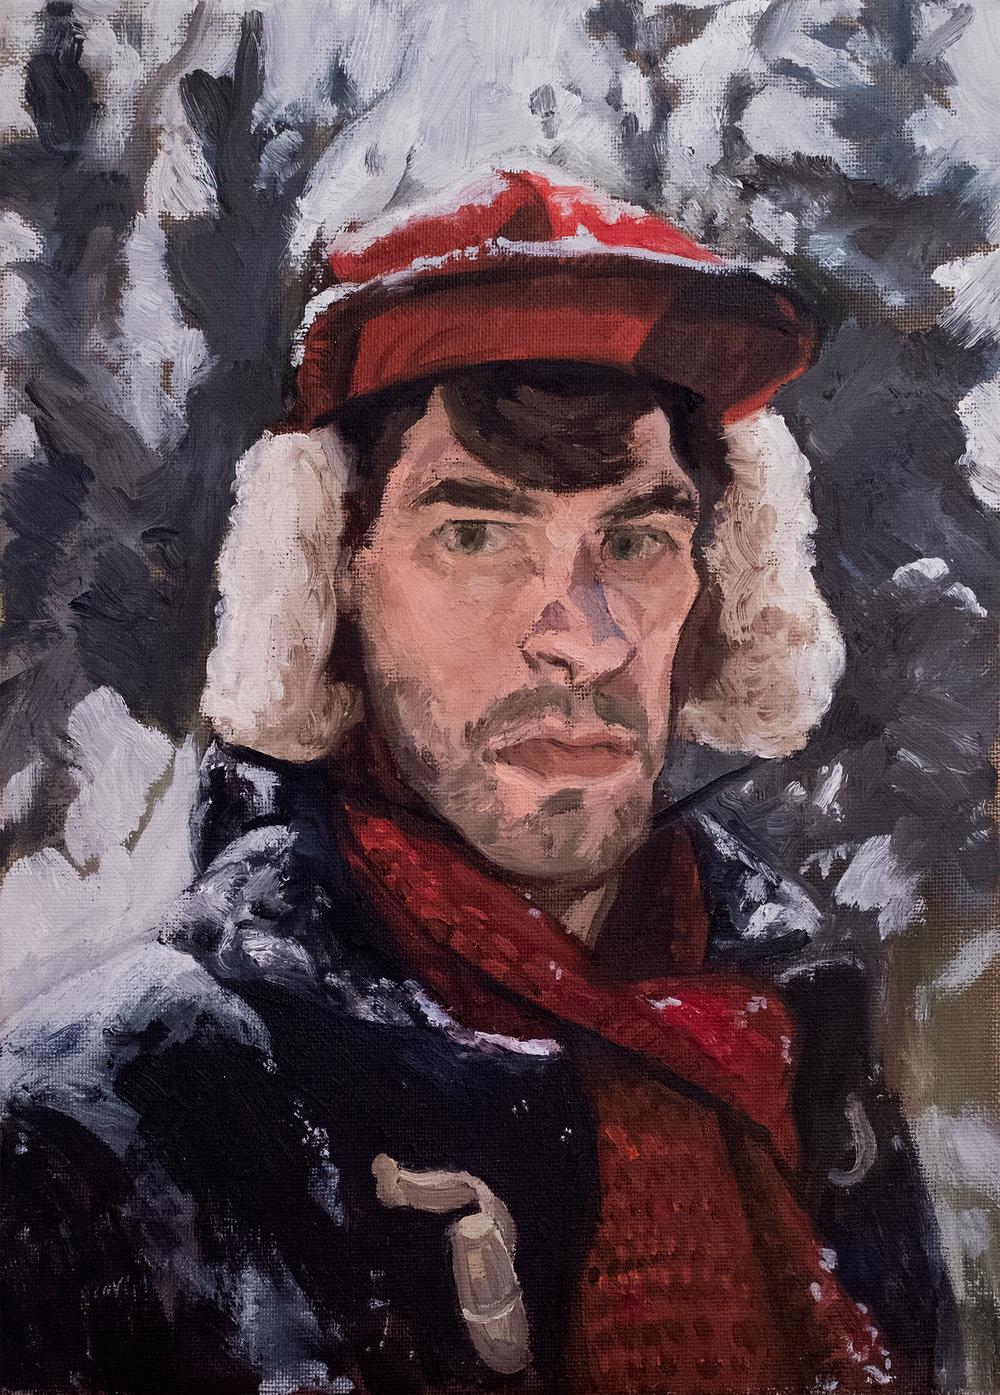 Self-Portrait in Winter